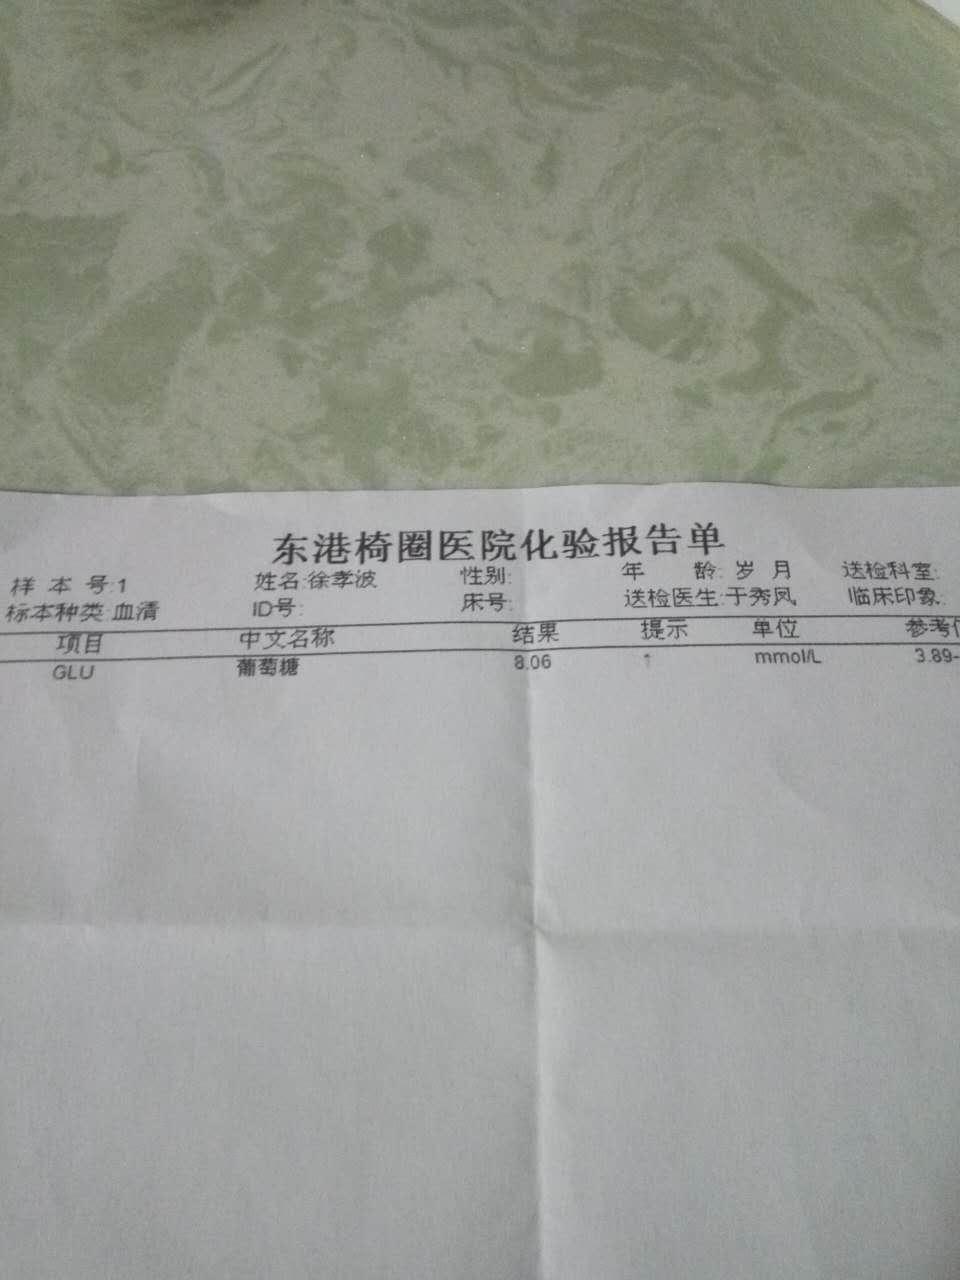 我父亲今年56岁,身高1.70,体重132斤,身体很健康,没